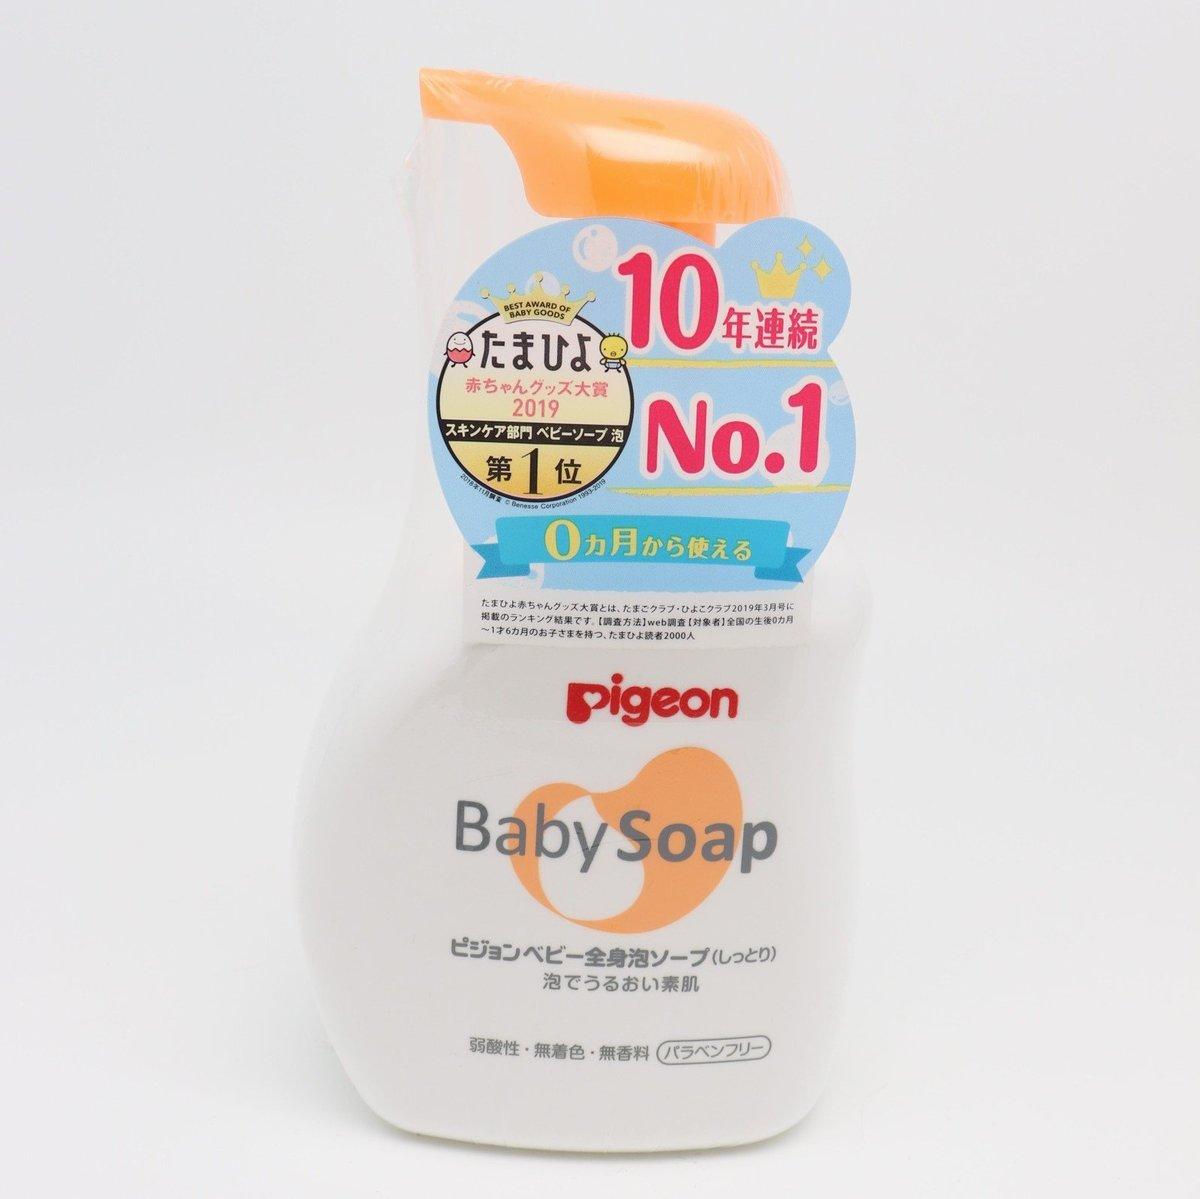 Pigeon貝親滋潤型泡沫沐浴洗髮乳2合1  500ml